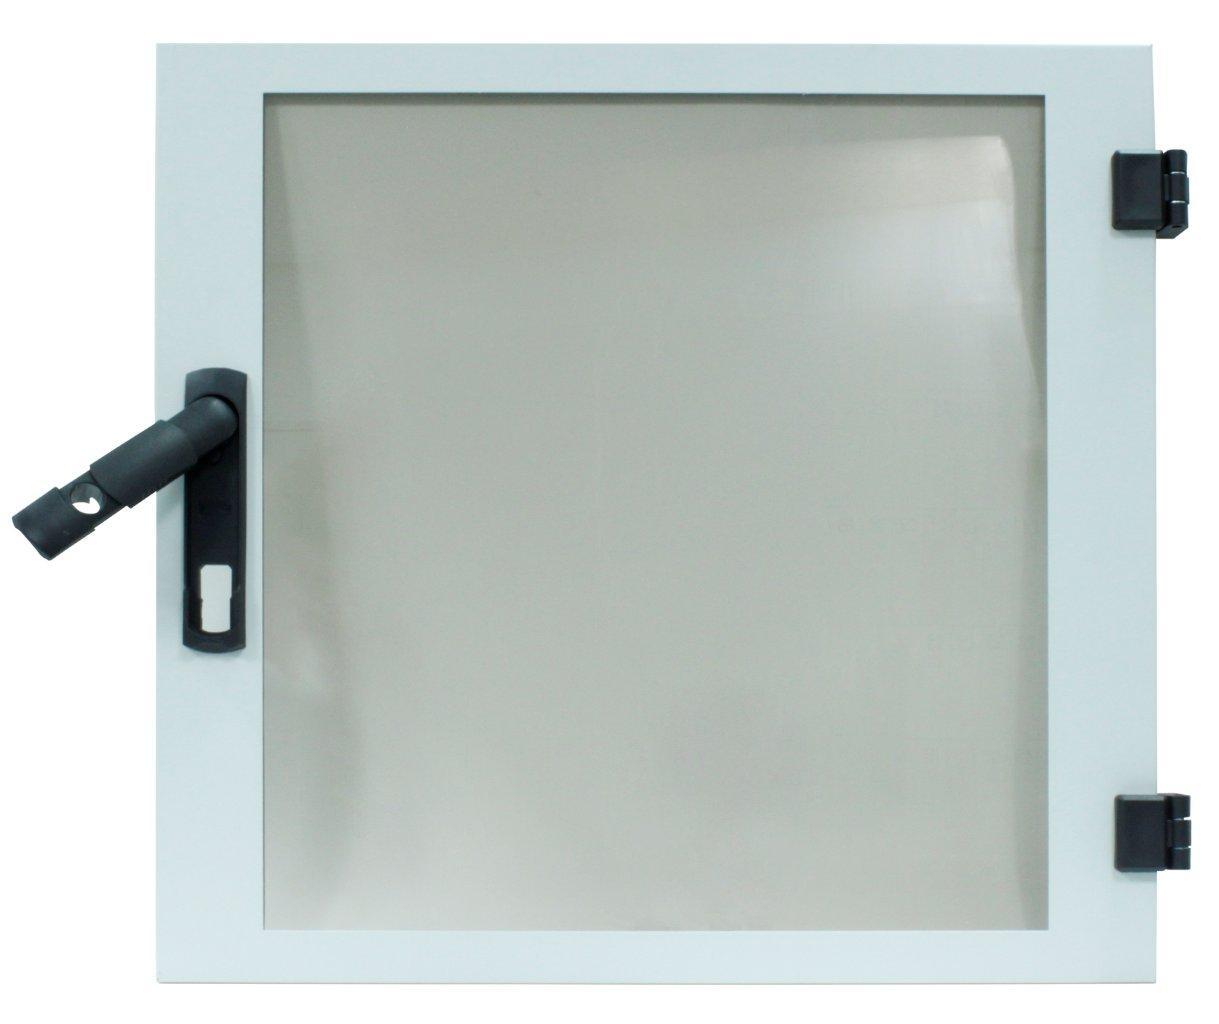 1 Stk Glas-Tür für DW-Schrank 18HE, B600, RAL7035, HZ-Vorbereitung DWRT1867--